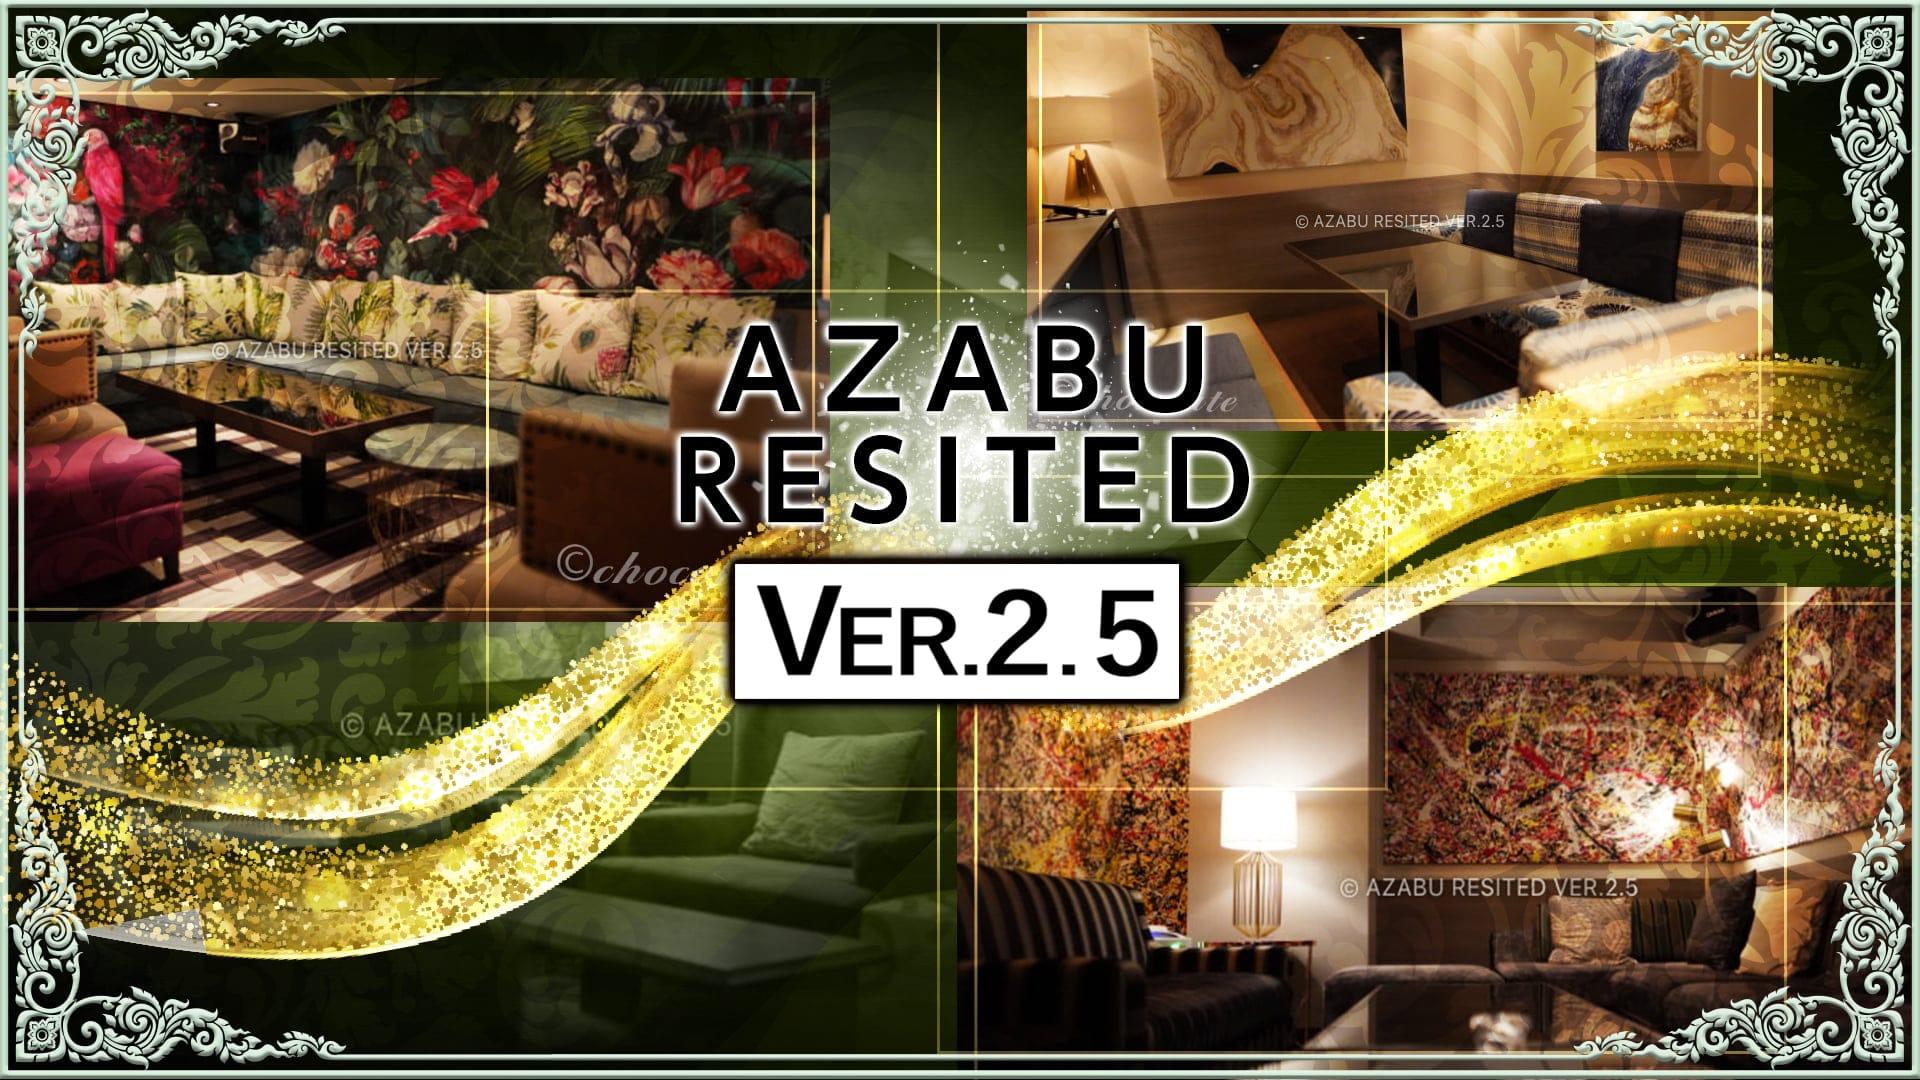 【西麻布】AZABU RESITED VER2.5~レジテッド~【公式求人・体入情報】 六本木会員制ラウンジ TOP画像